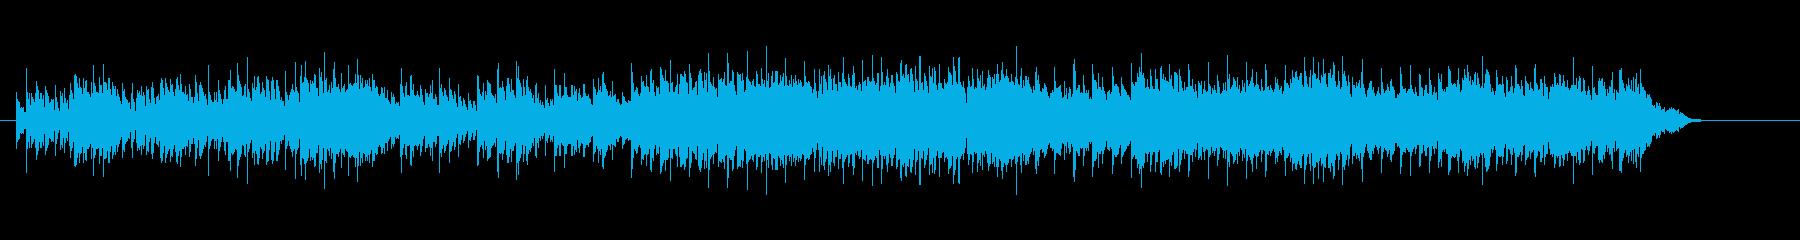 エレクトリック・ニューミュージックの再生済みの波形